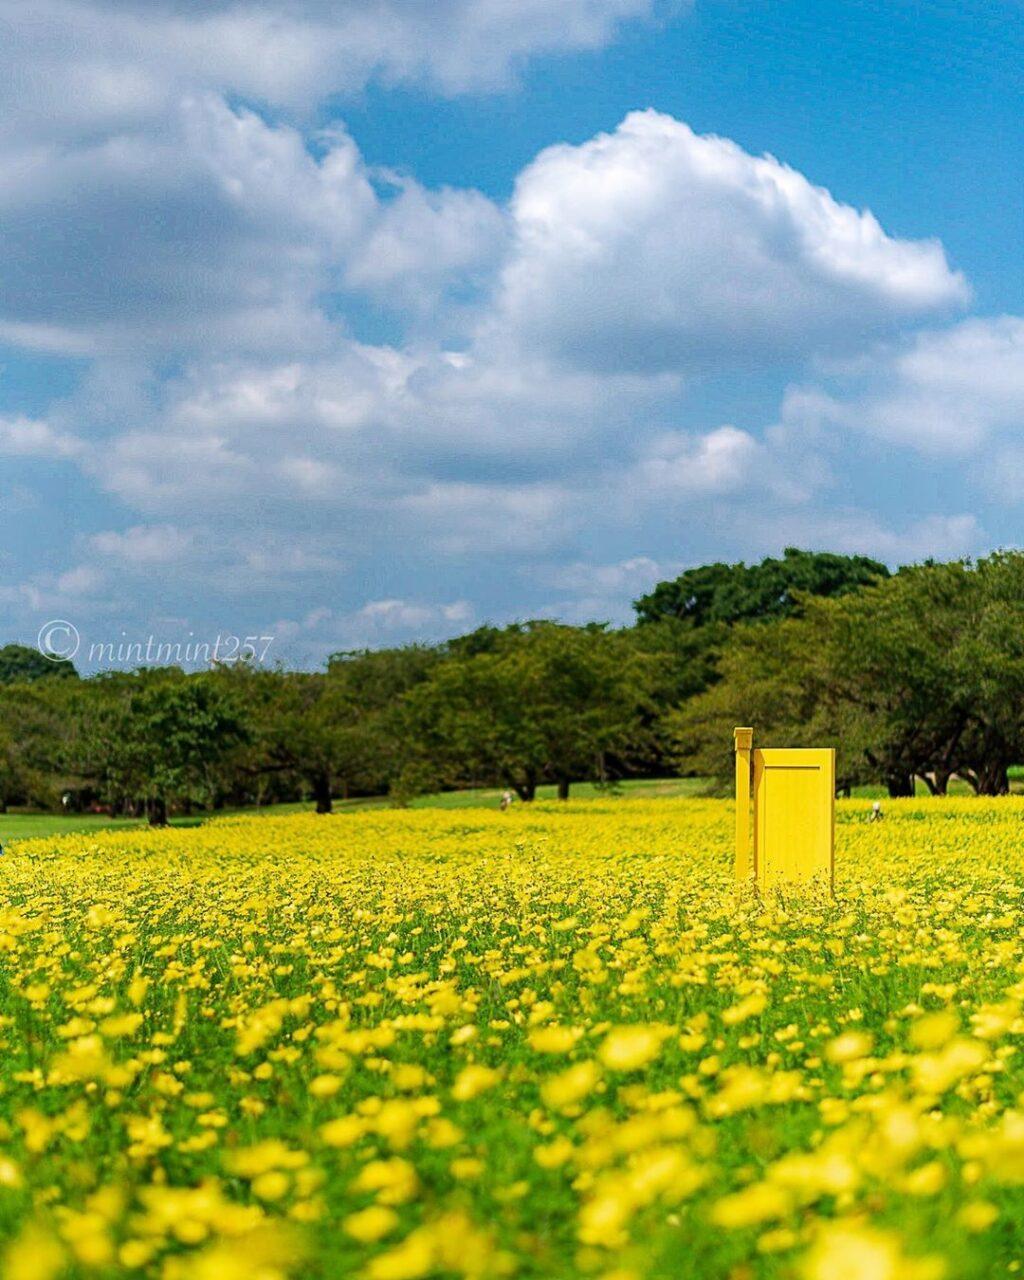 【都内近郊】一面に広がるお花ってわくわくする。秋にも楽しめるお花畑4types